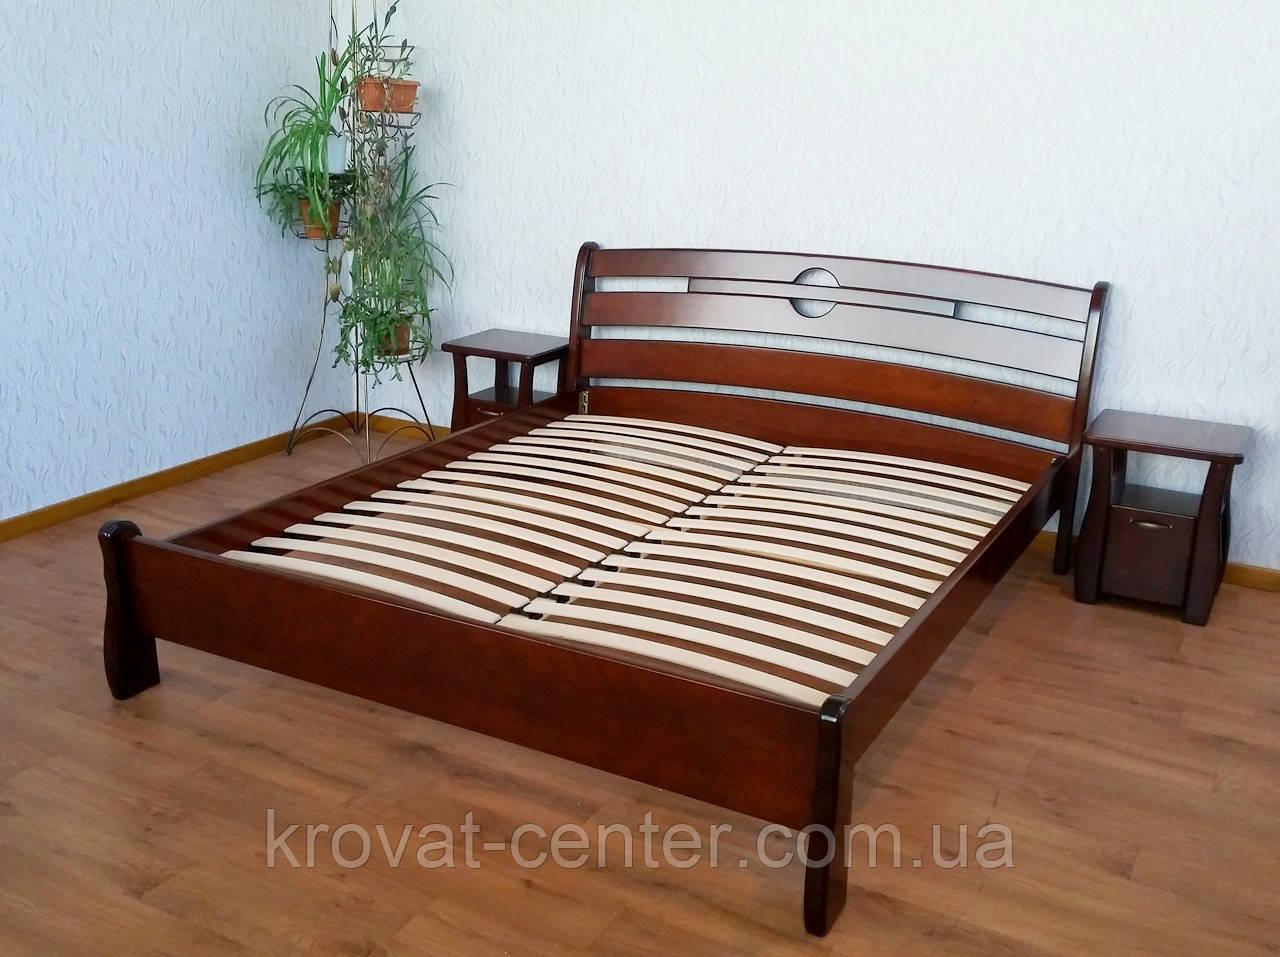 """Кровать двуспальная """"Каприз"""""""